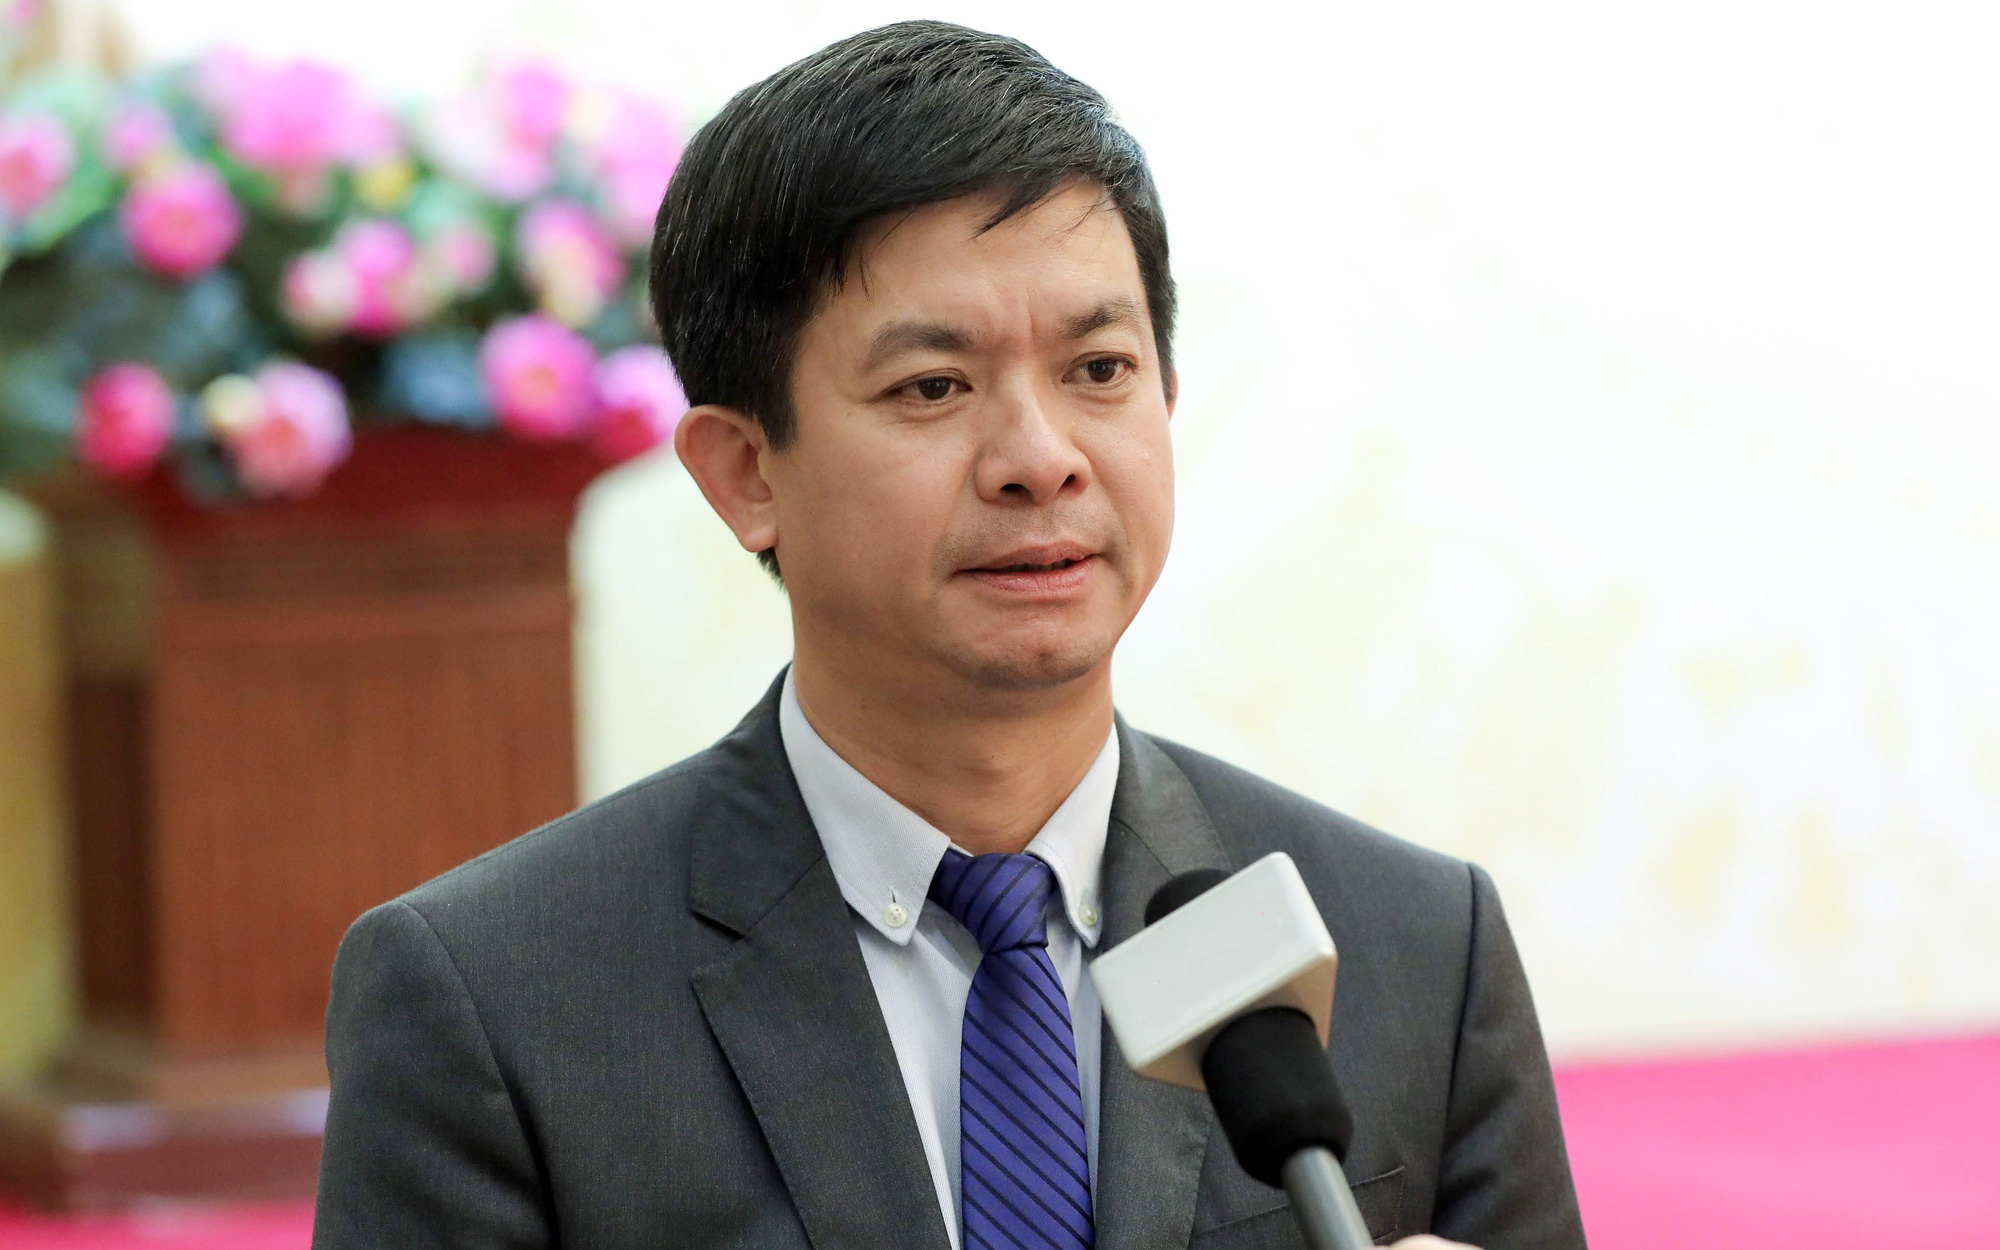 Diện mạo mới của Du lịch Việt Nam sau gần 3 năm triển khai Nghị quyết 08-NQ/TW